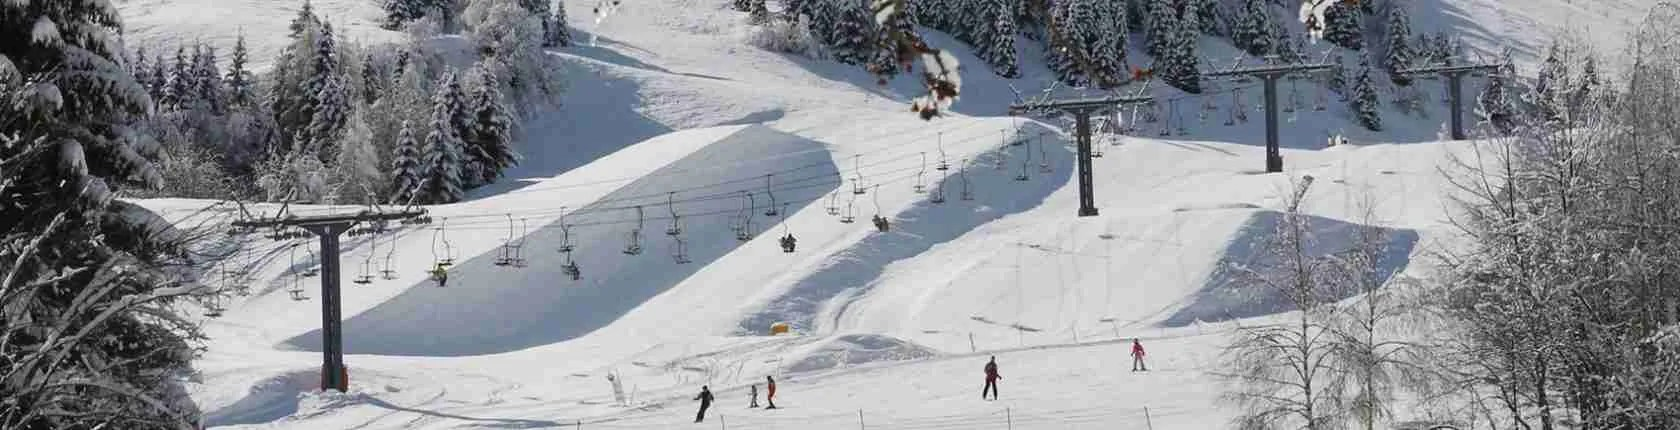 Le escort Trento amano sciare lungo le piste da sci del comprensorio dolomitico che circonda la città di Trento.